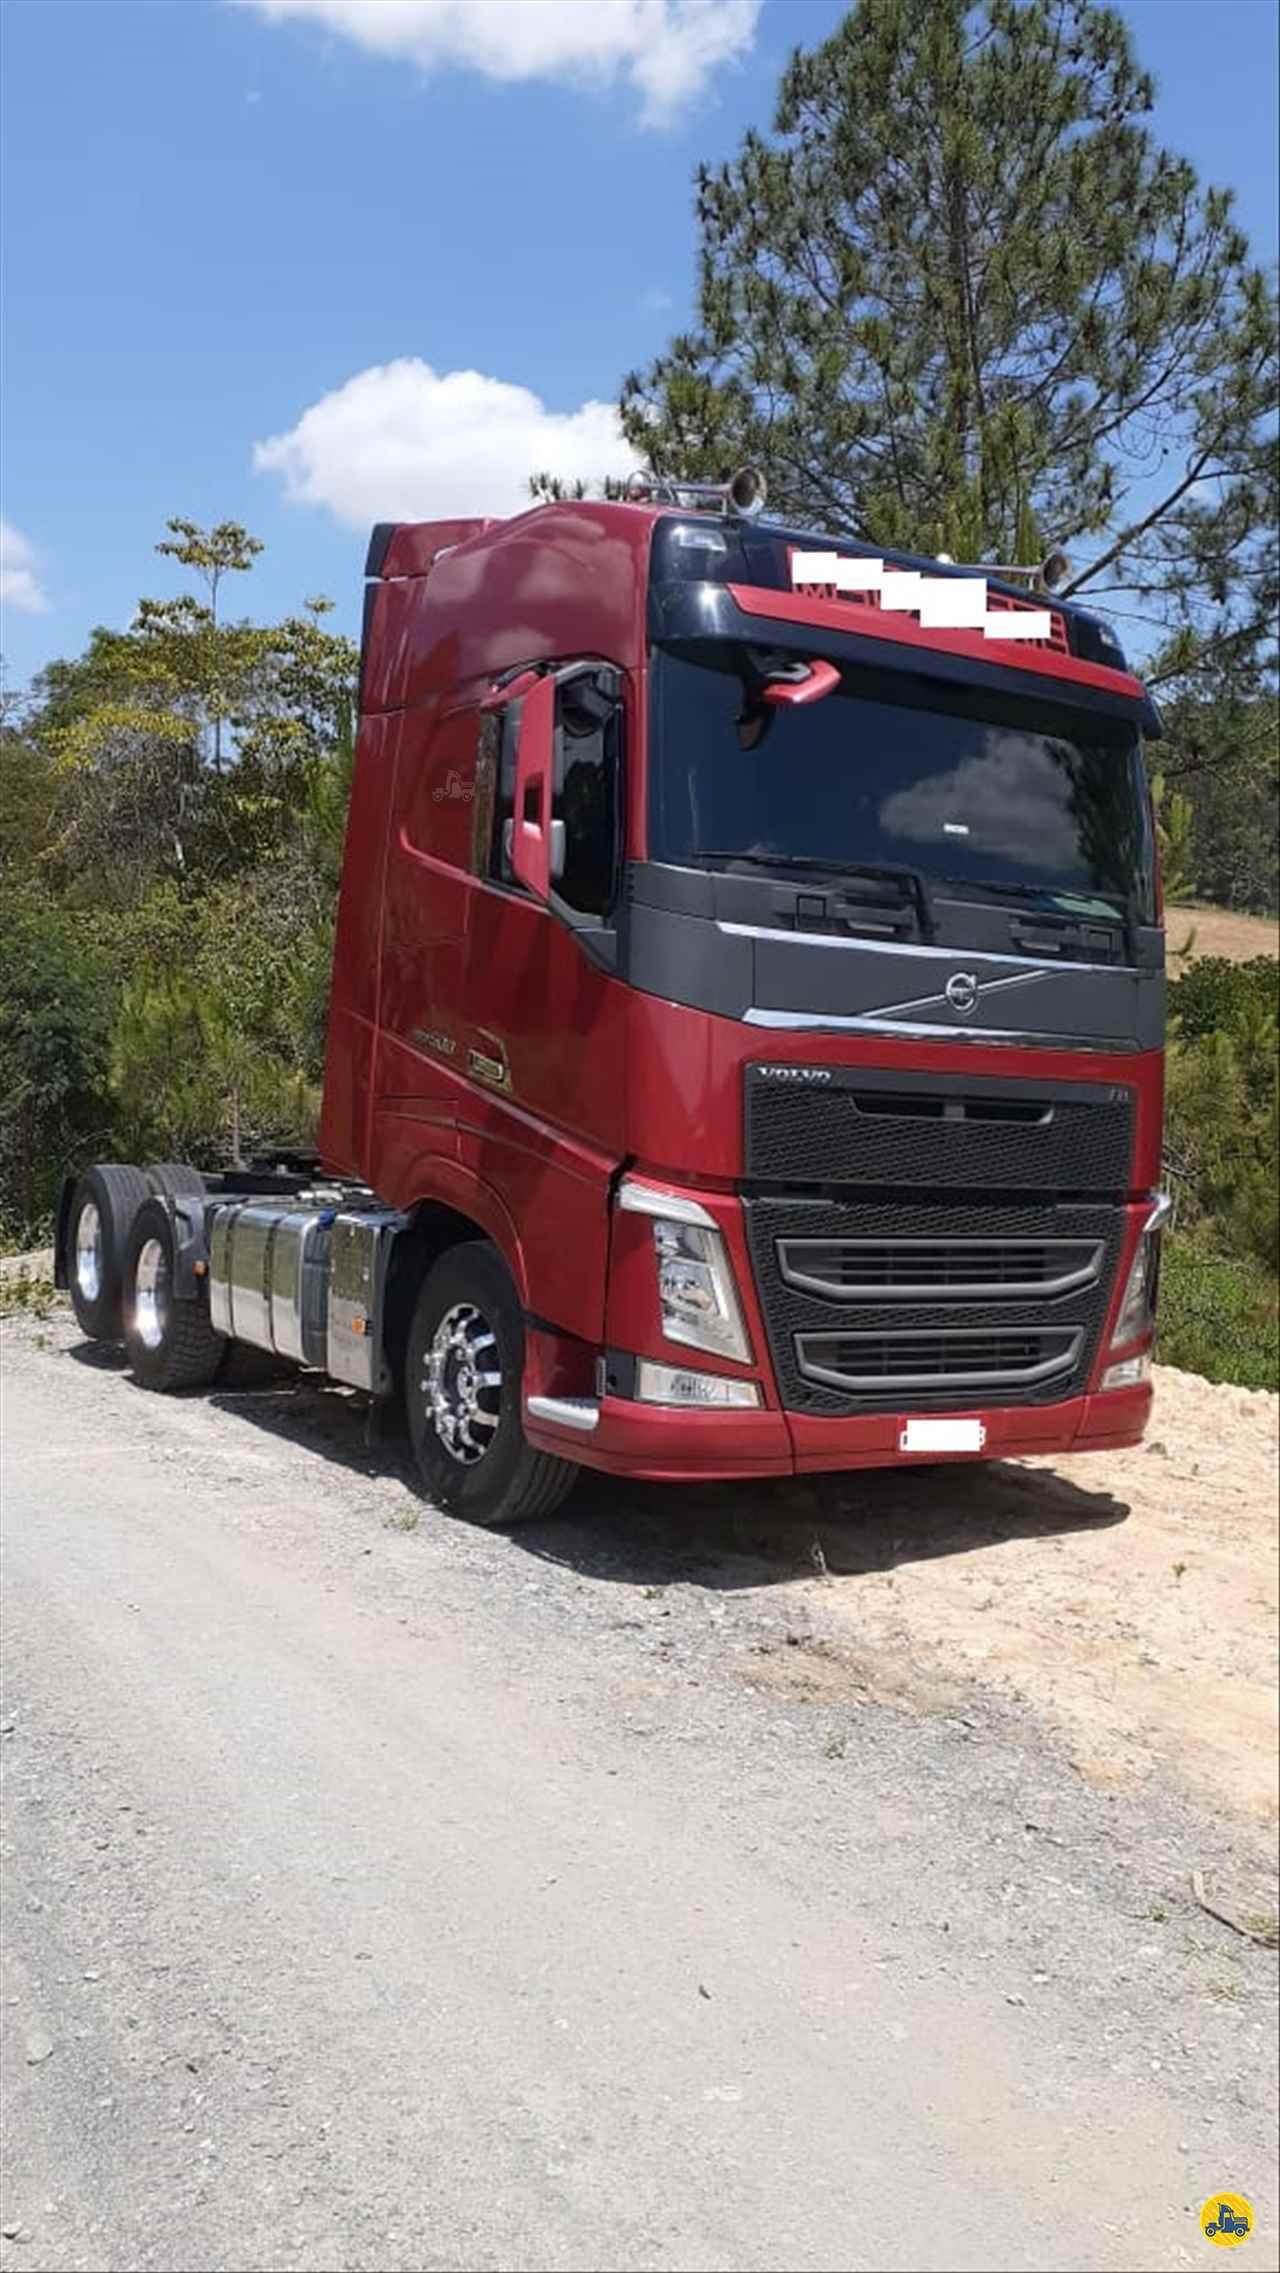 CAMINHAO VOLVO VOLVO FH 500 Cavalo Mecânico Truck 6x2 Transmap Caminhões SANTA ROSA RIO GRANDE DO SUL RS